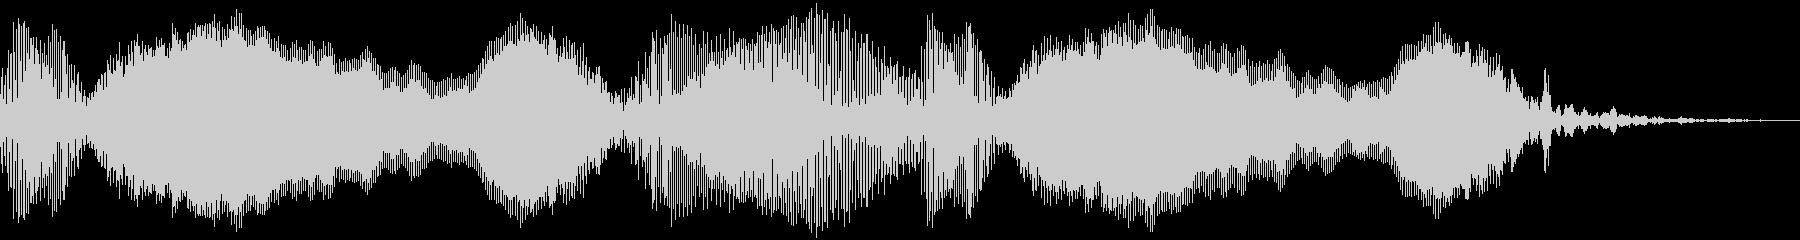 サイレンの音の未再生の波形